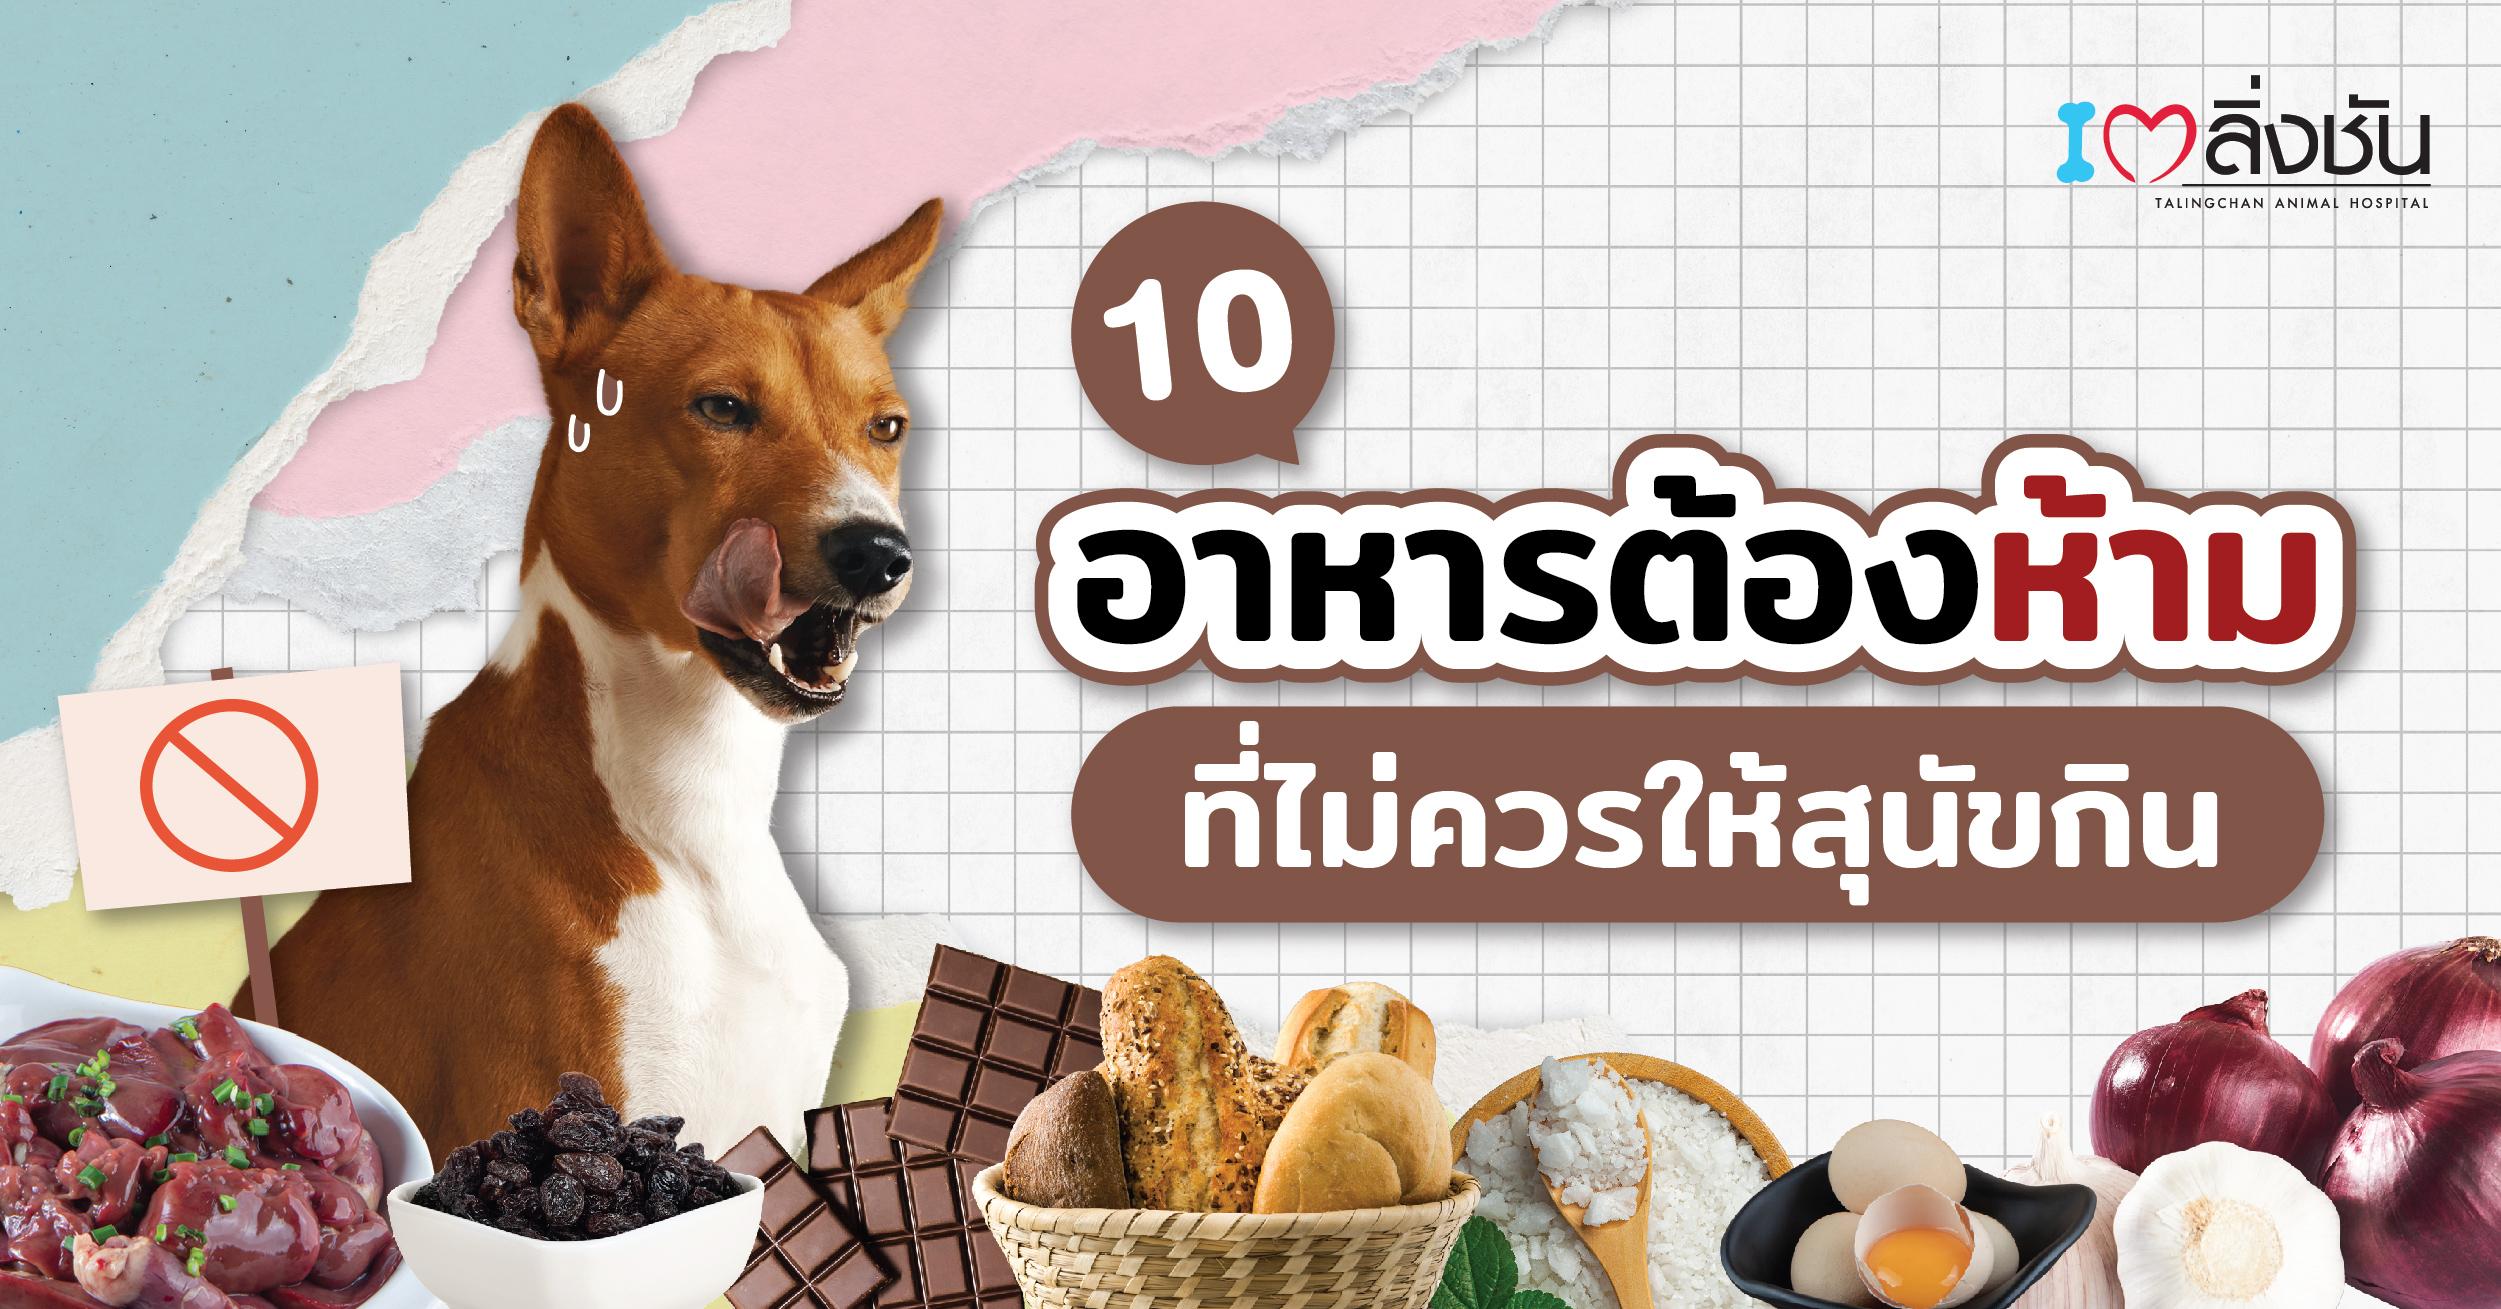 อาหารสุนัขห้ามกิน-03